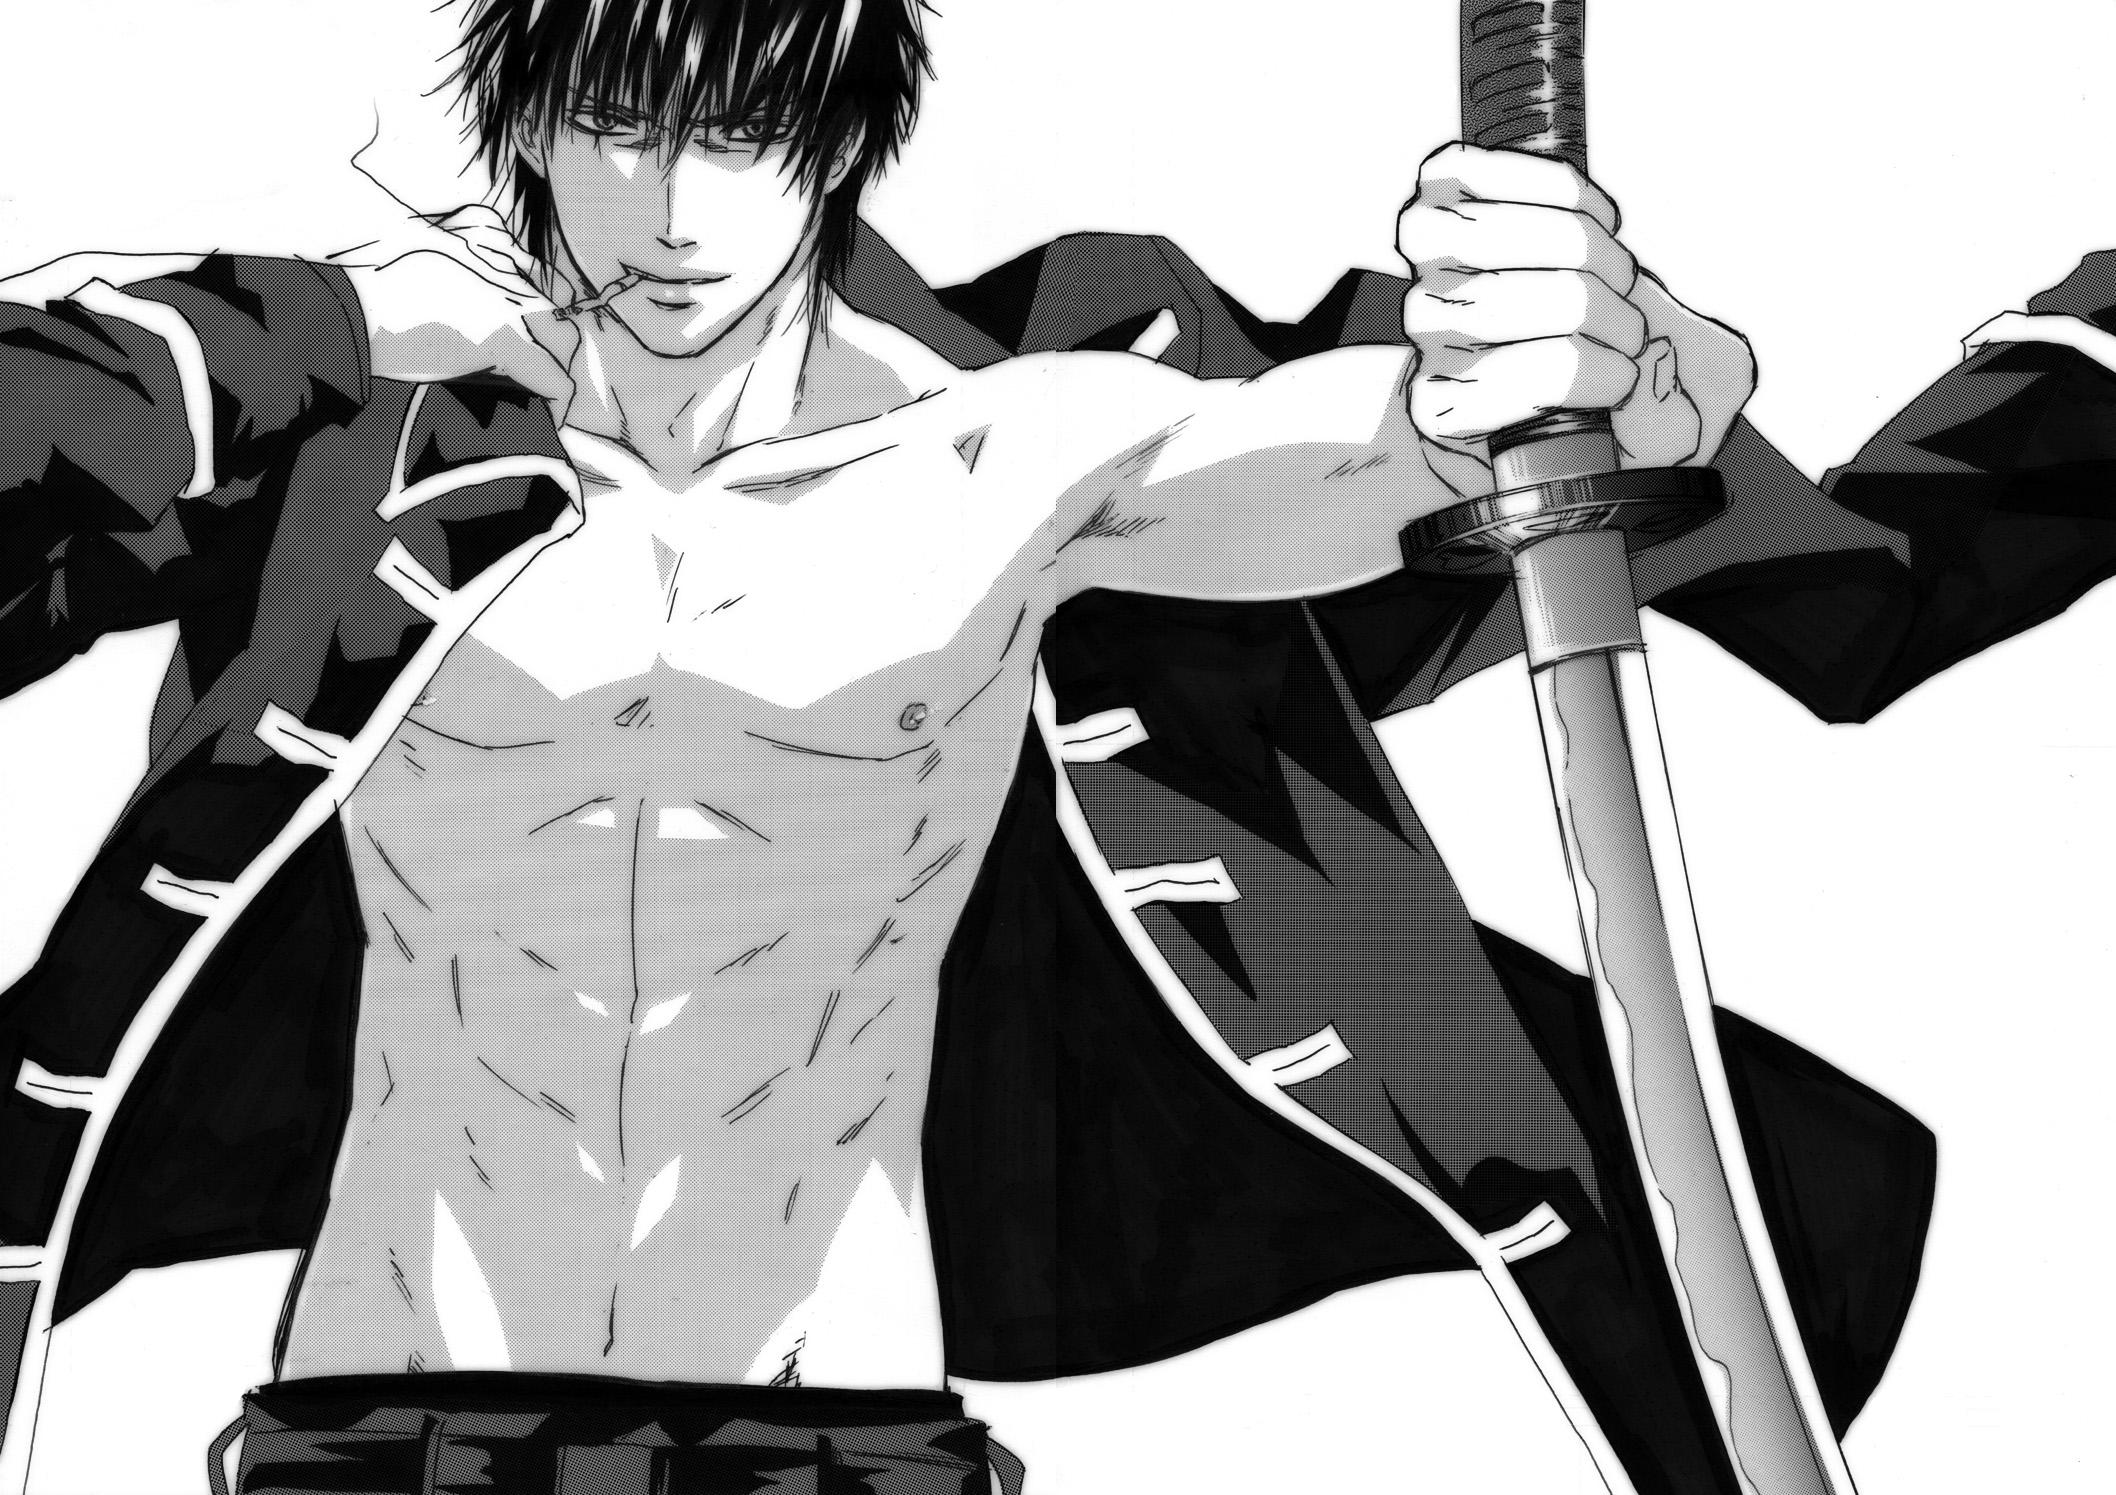 аниме парень с сигаретой и мечём